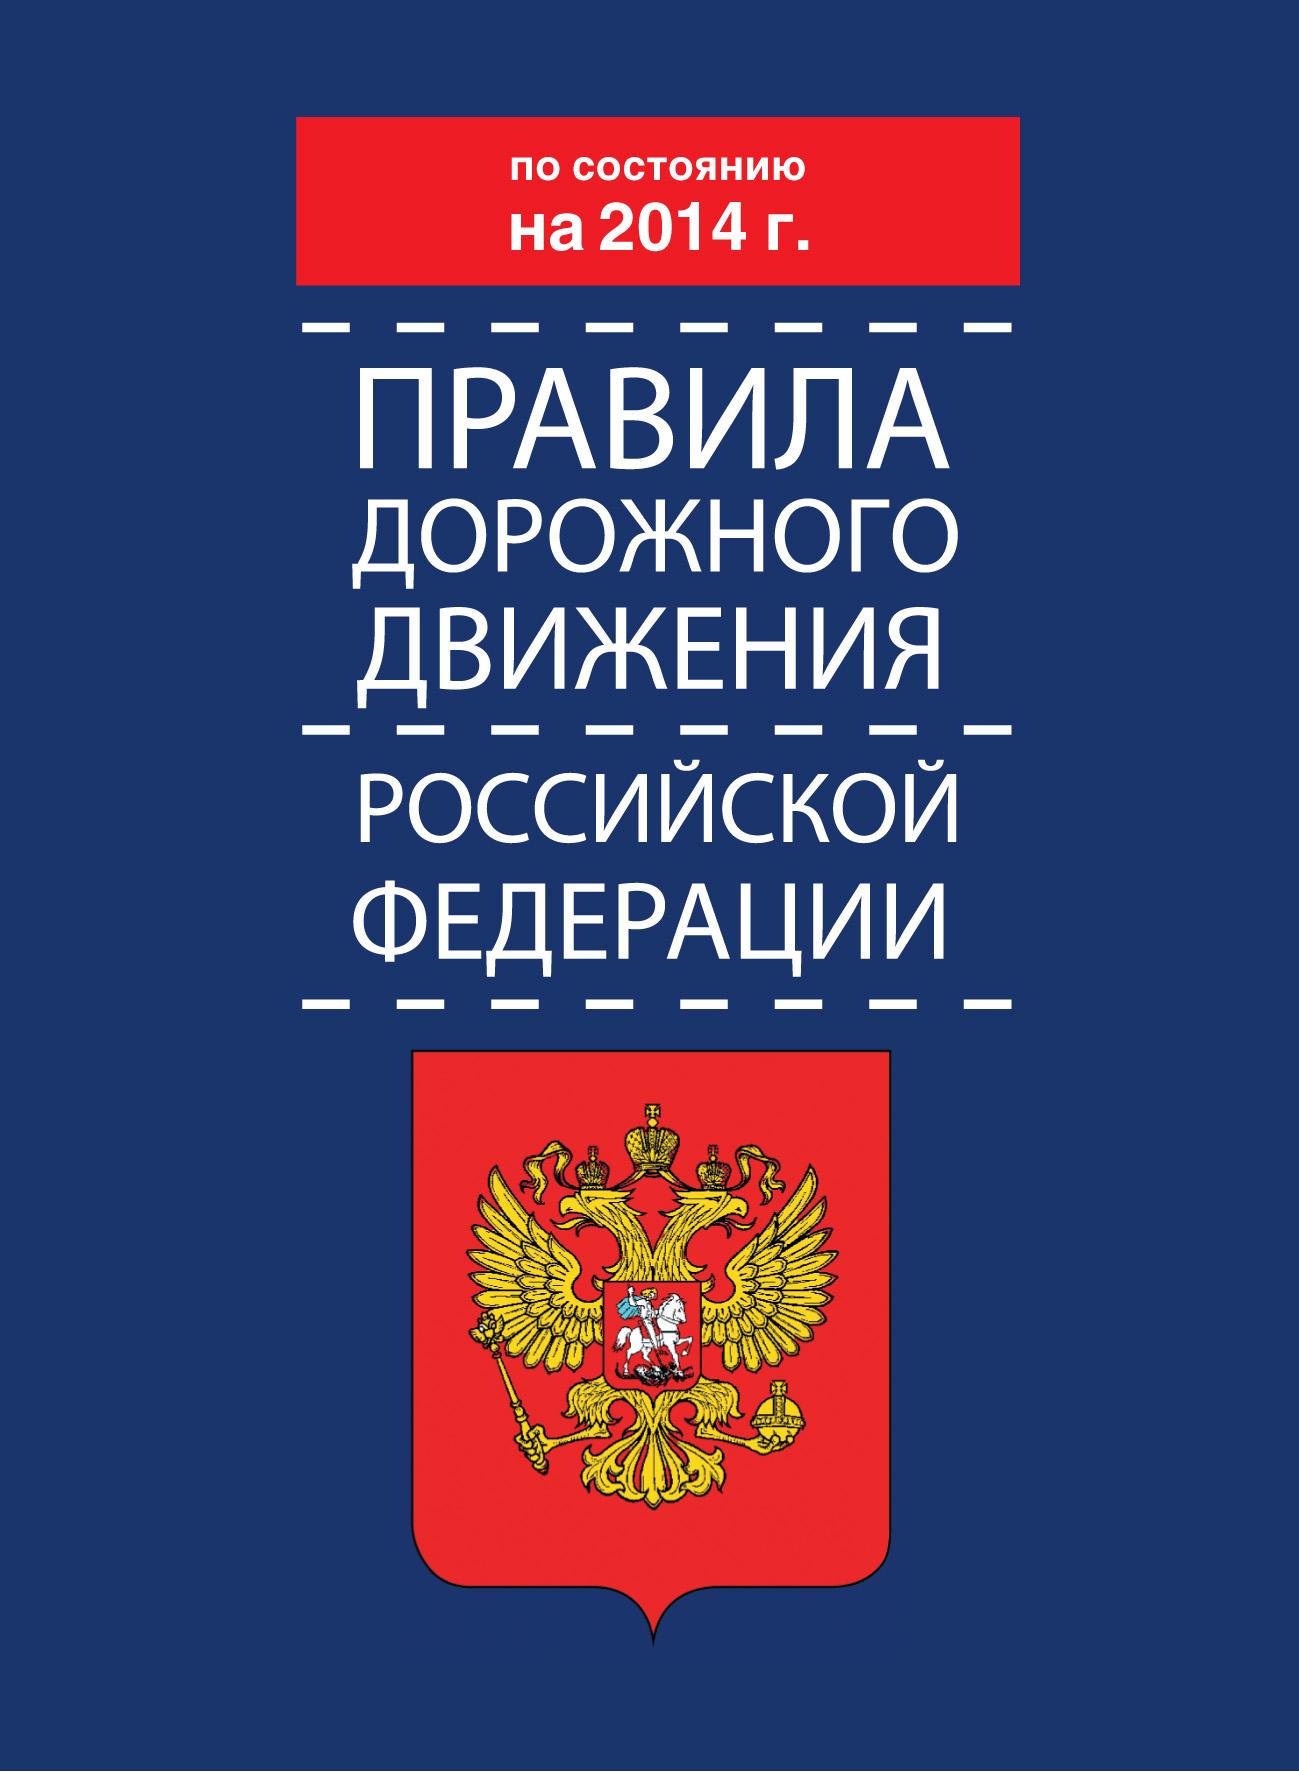 все цены на Коллектив авторов Правила дорожного движения Российской Федерации по состоянию на 2014 г. онлайн